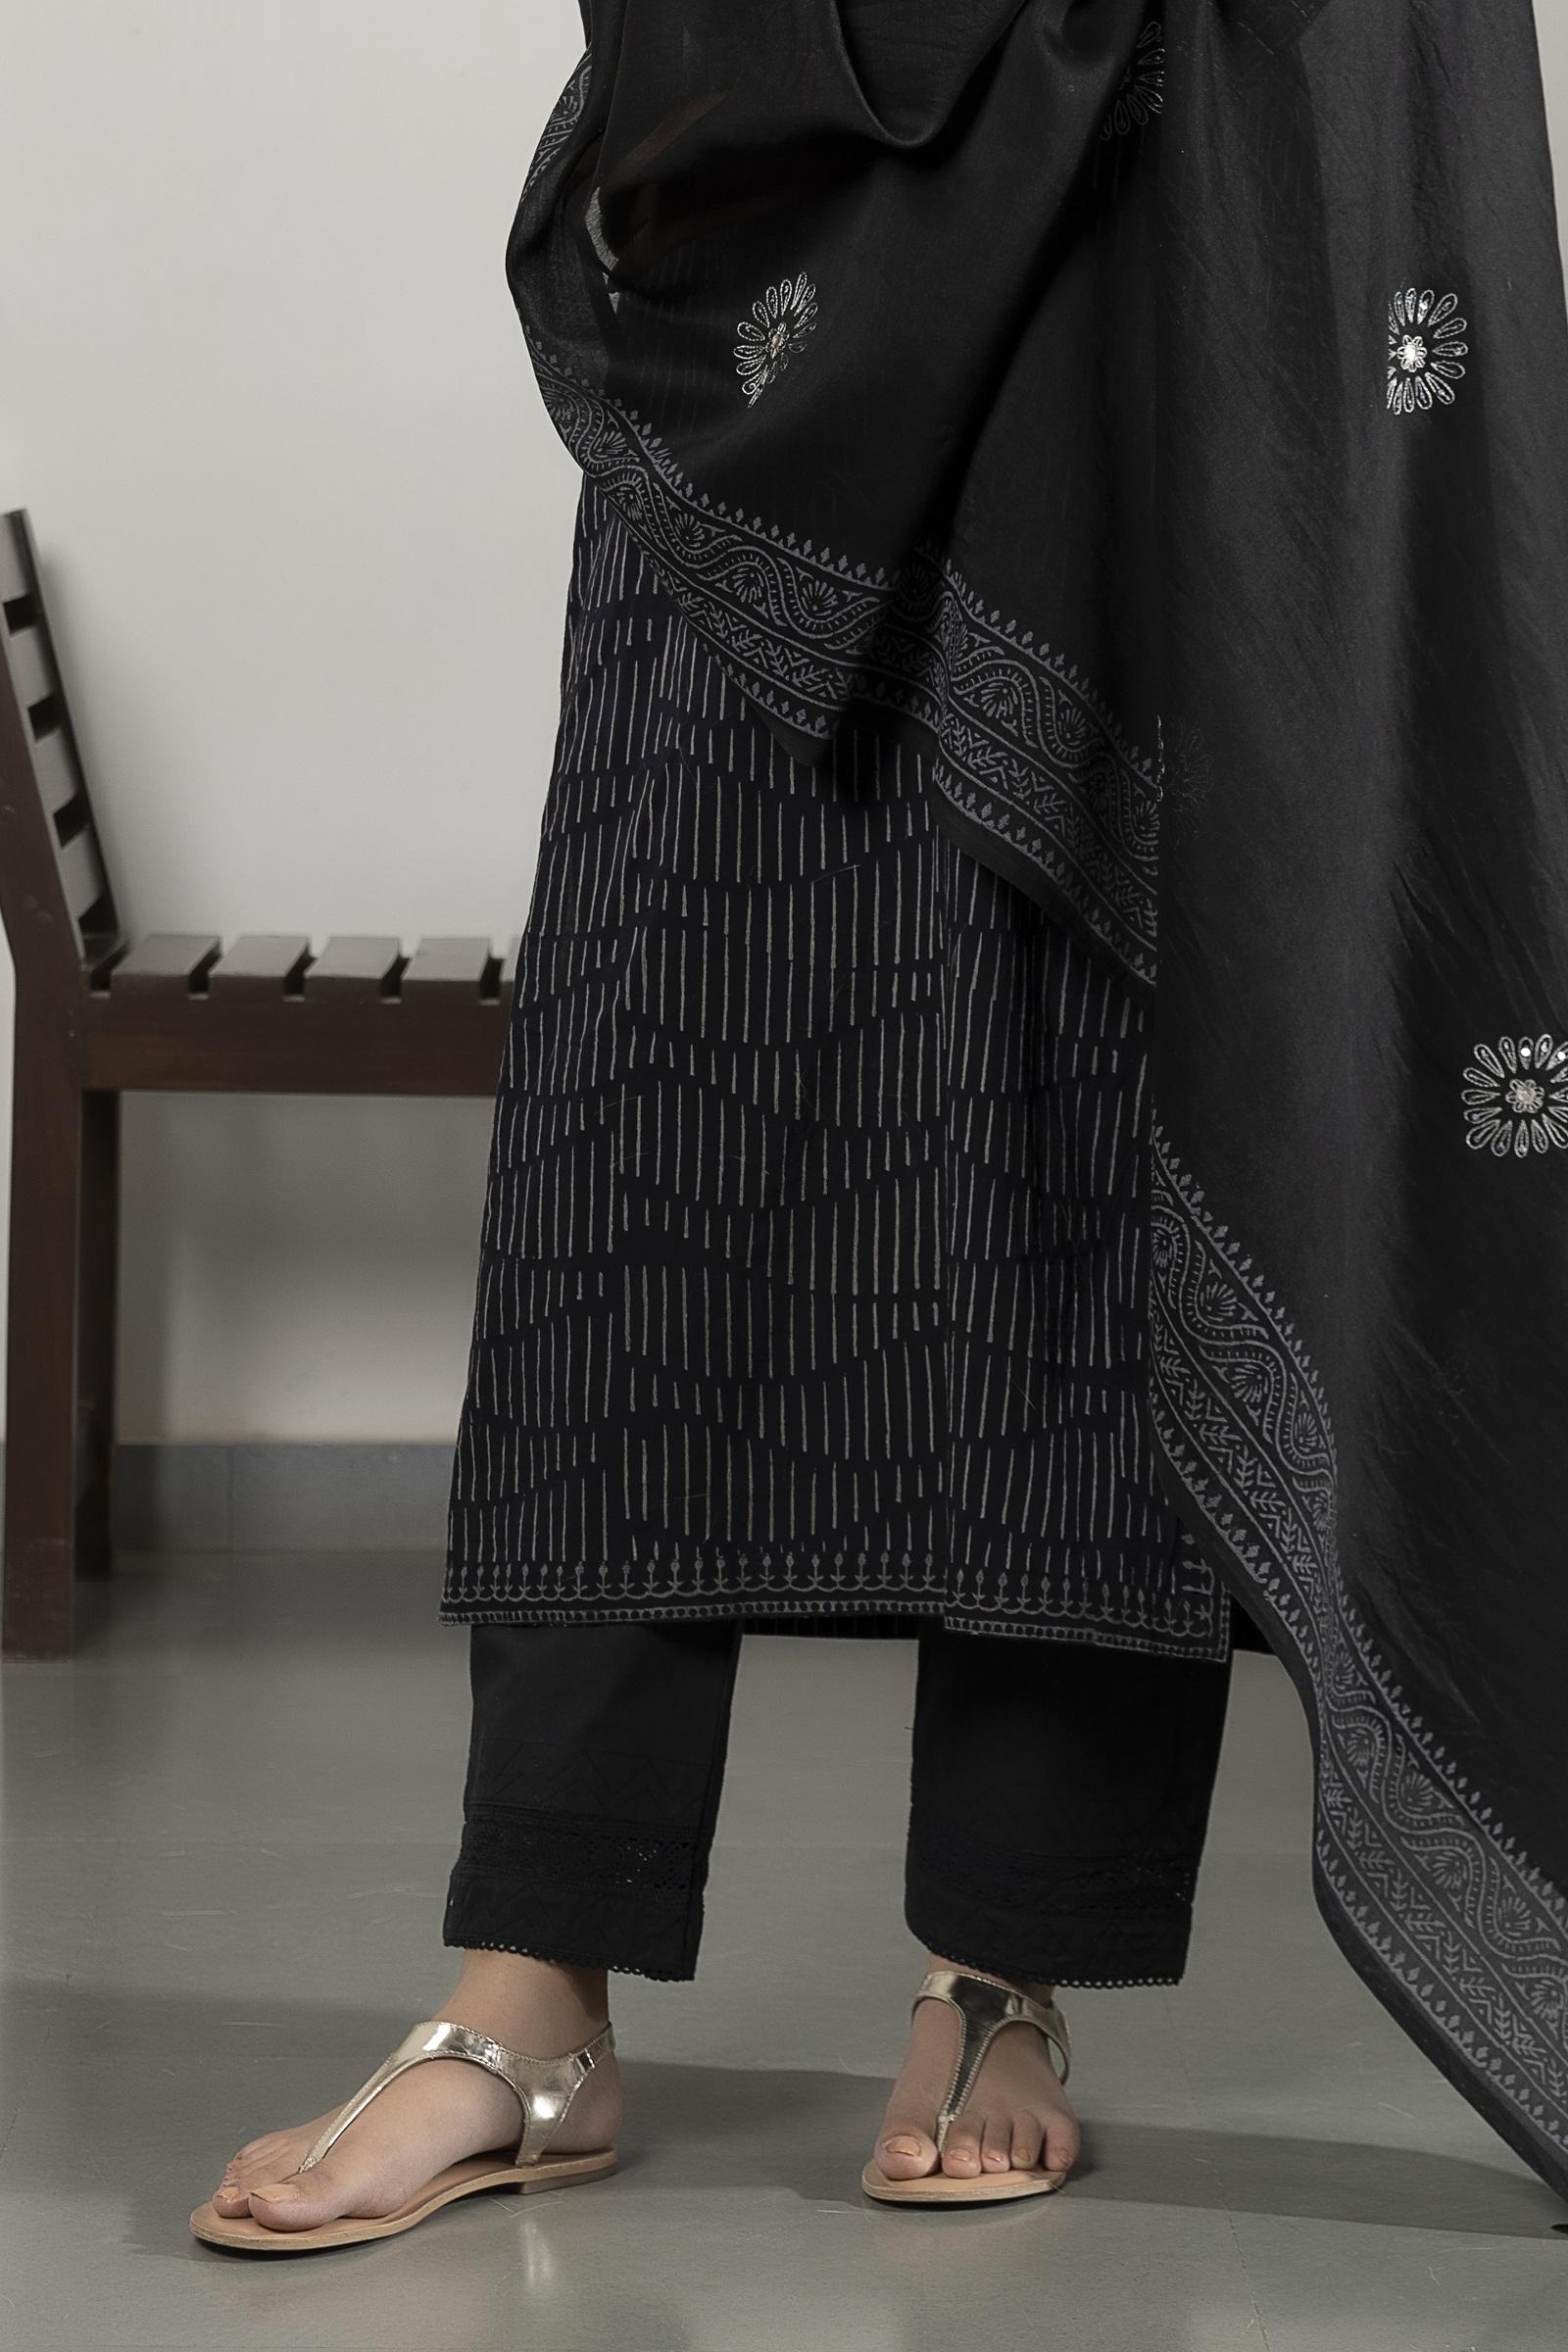 Black Lace 40 Cotton Cigarette Pant